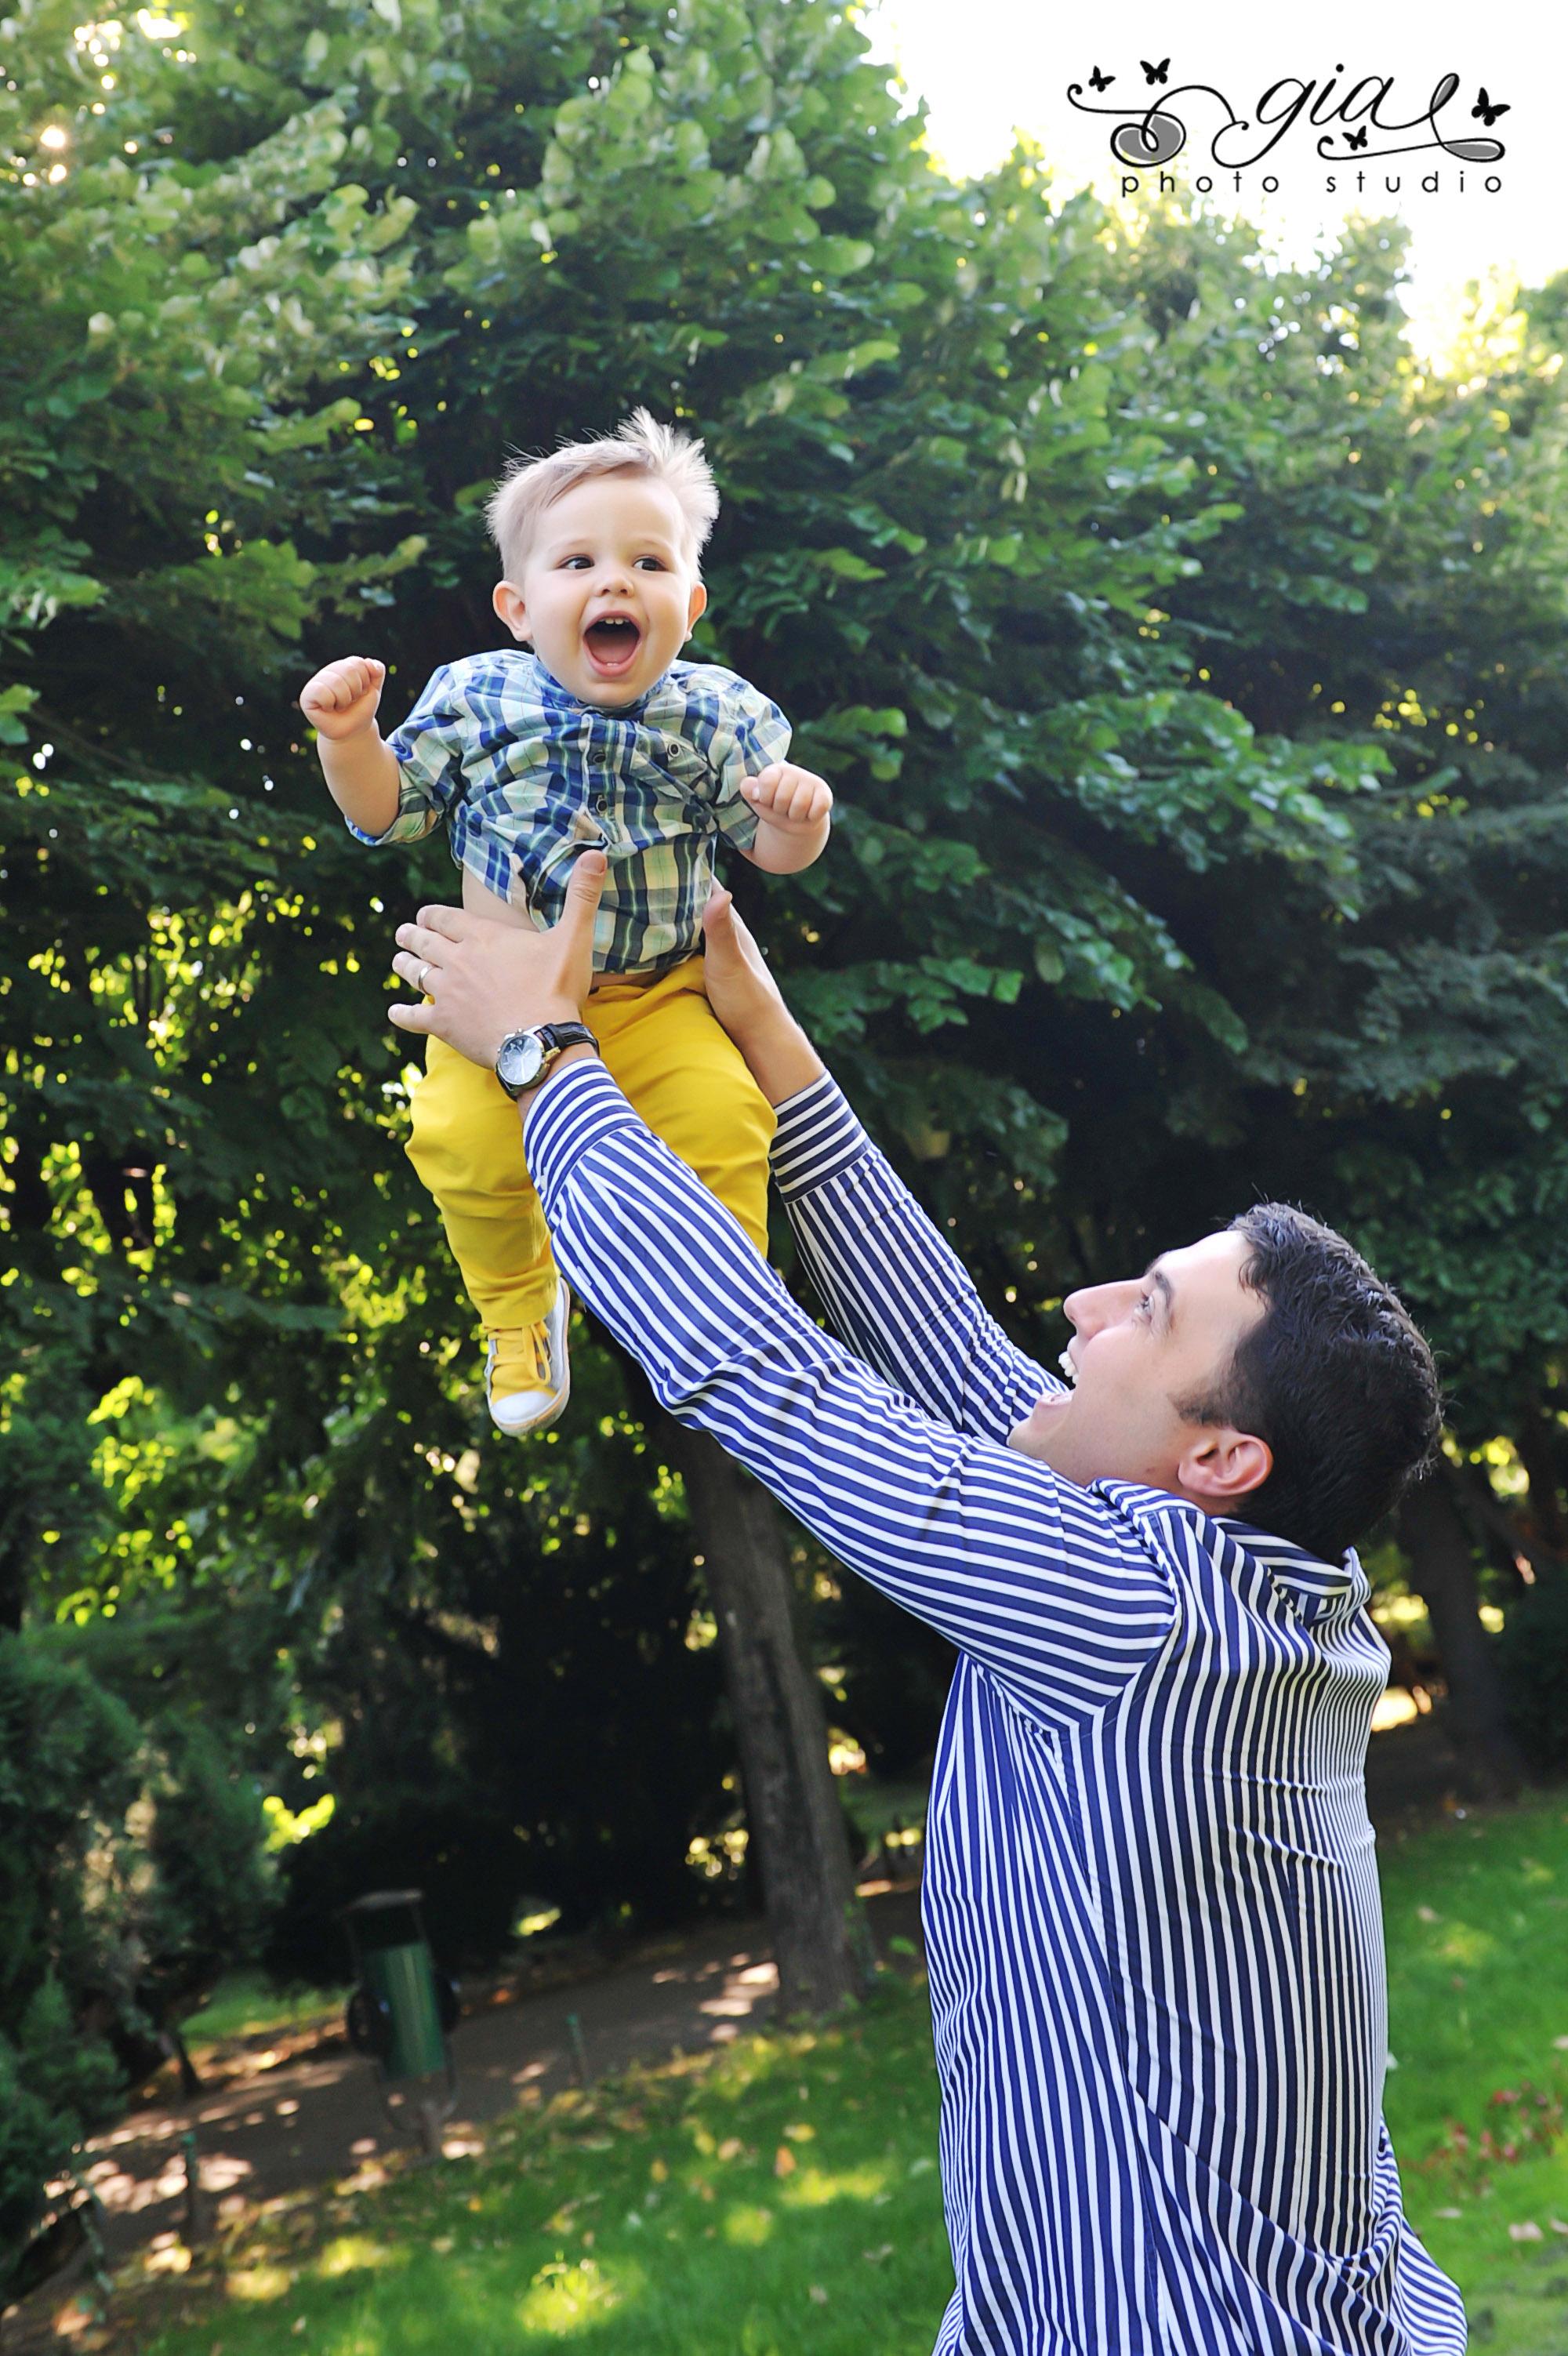 Doresti o poza in natura cu familia? www.giastudio.ro